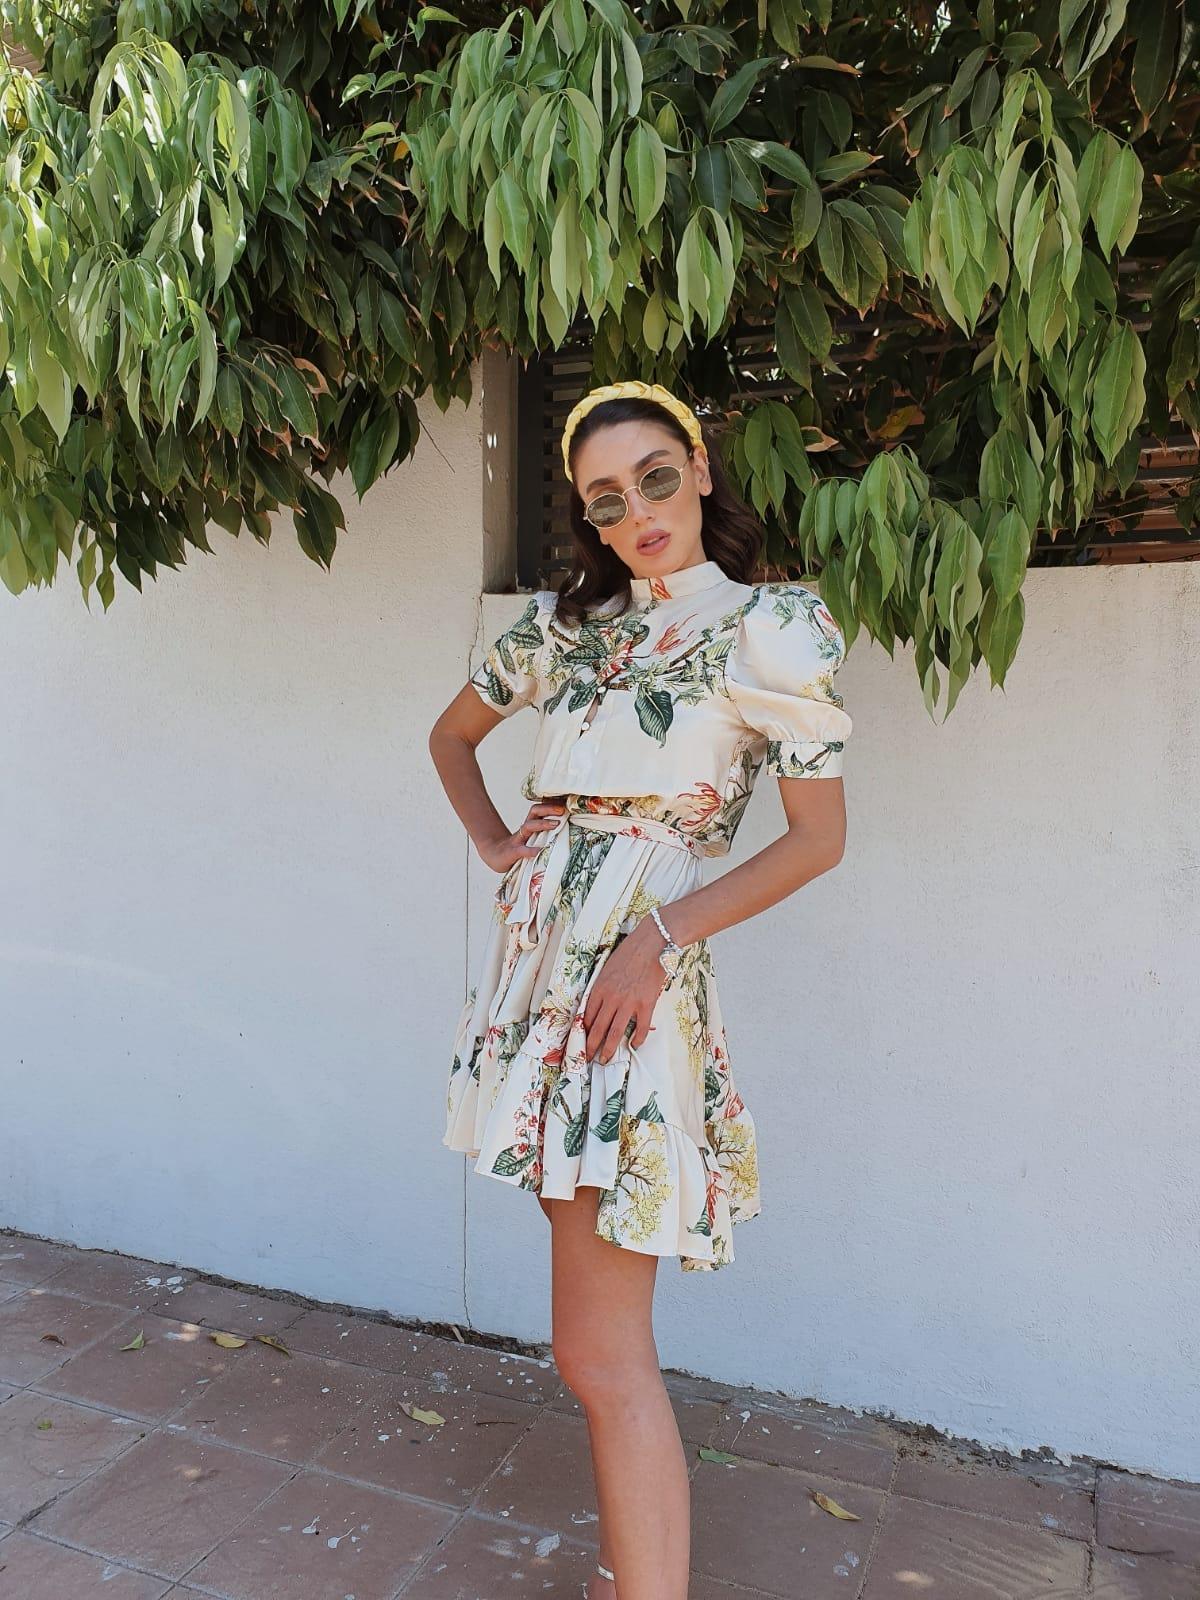 שמלת ורסאי - פרחונית שמנת